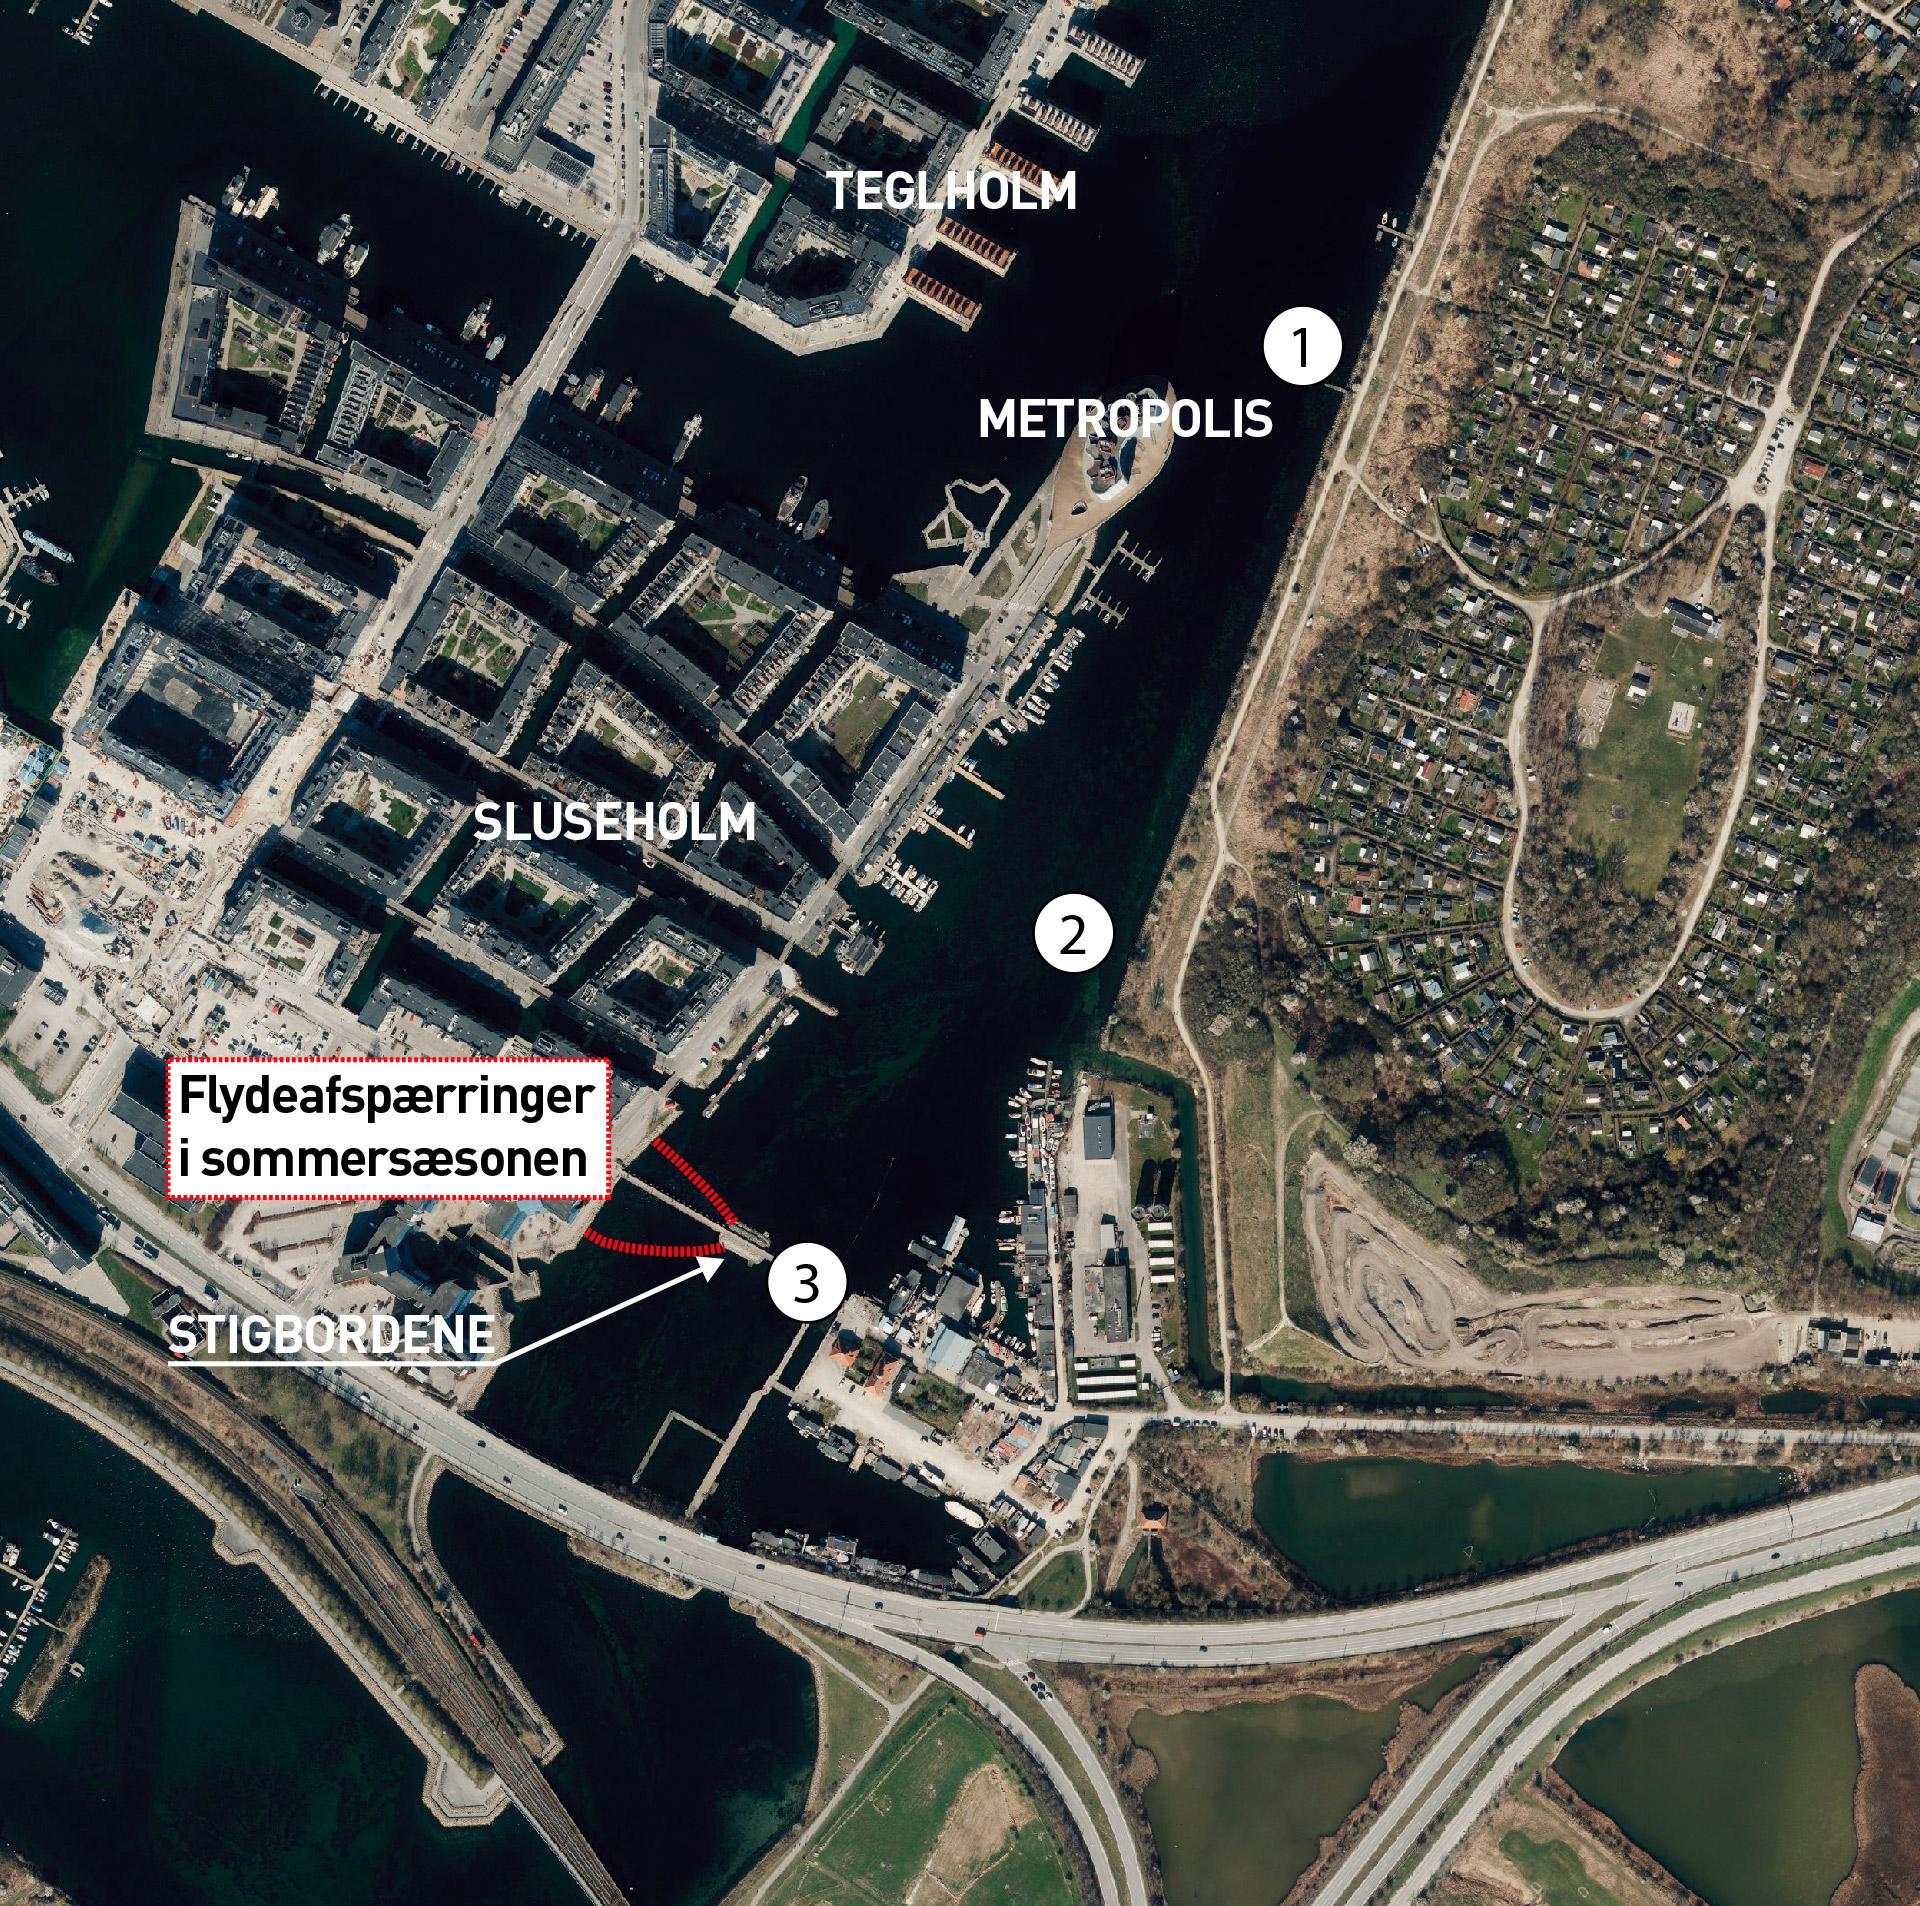 Sydhavn-markeringer_V6